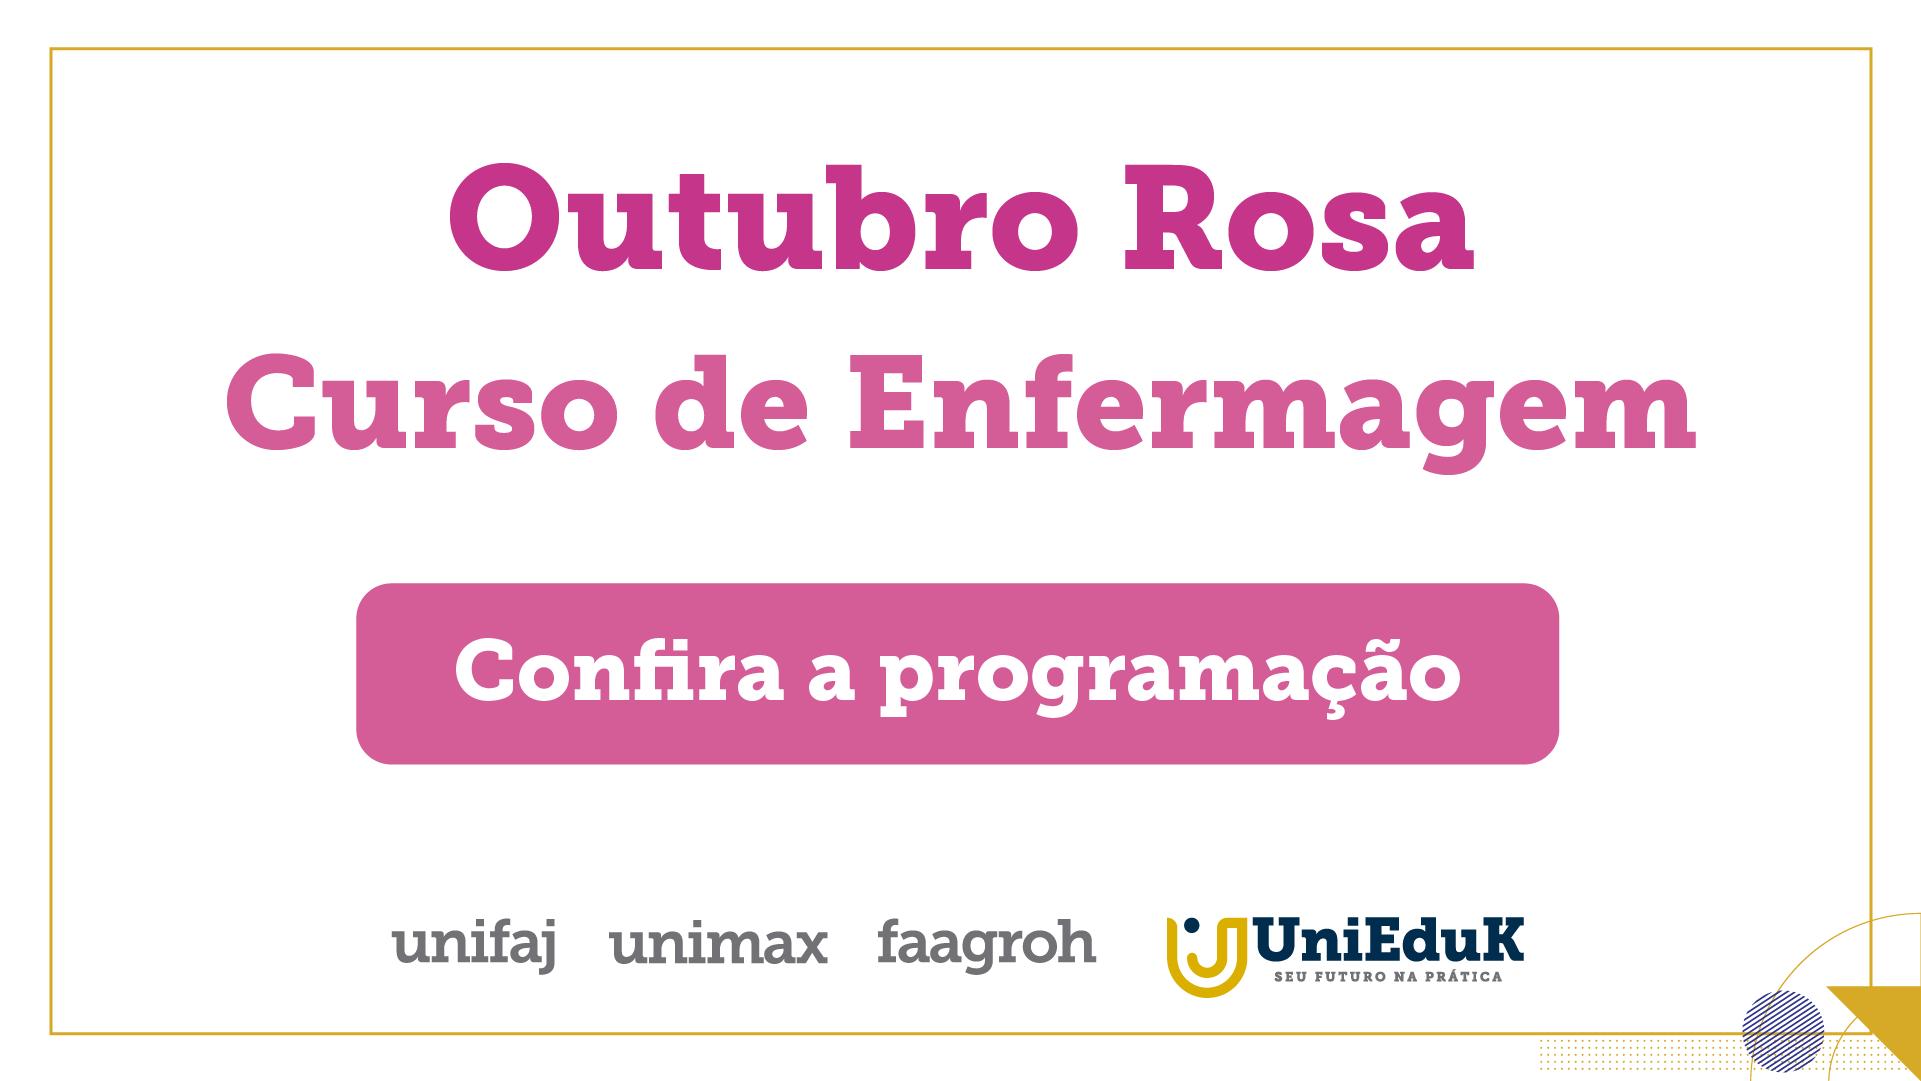 A imagem traz os dizeres: Outubro Rosa - curso de Enfermagem - confira a programação.